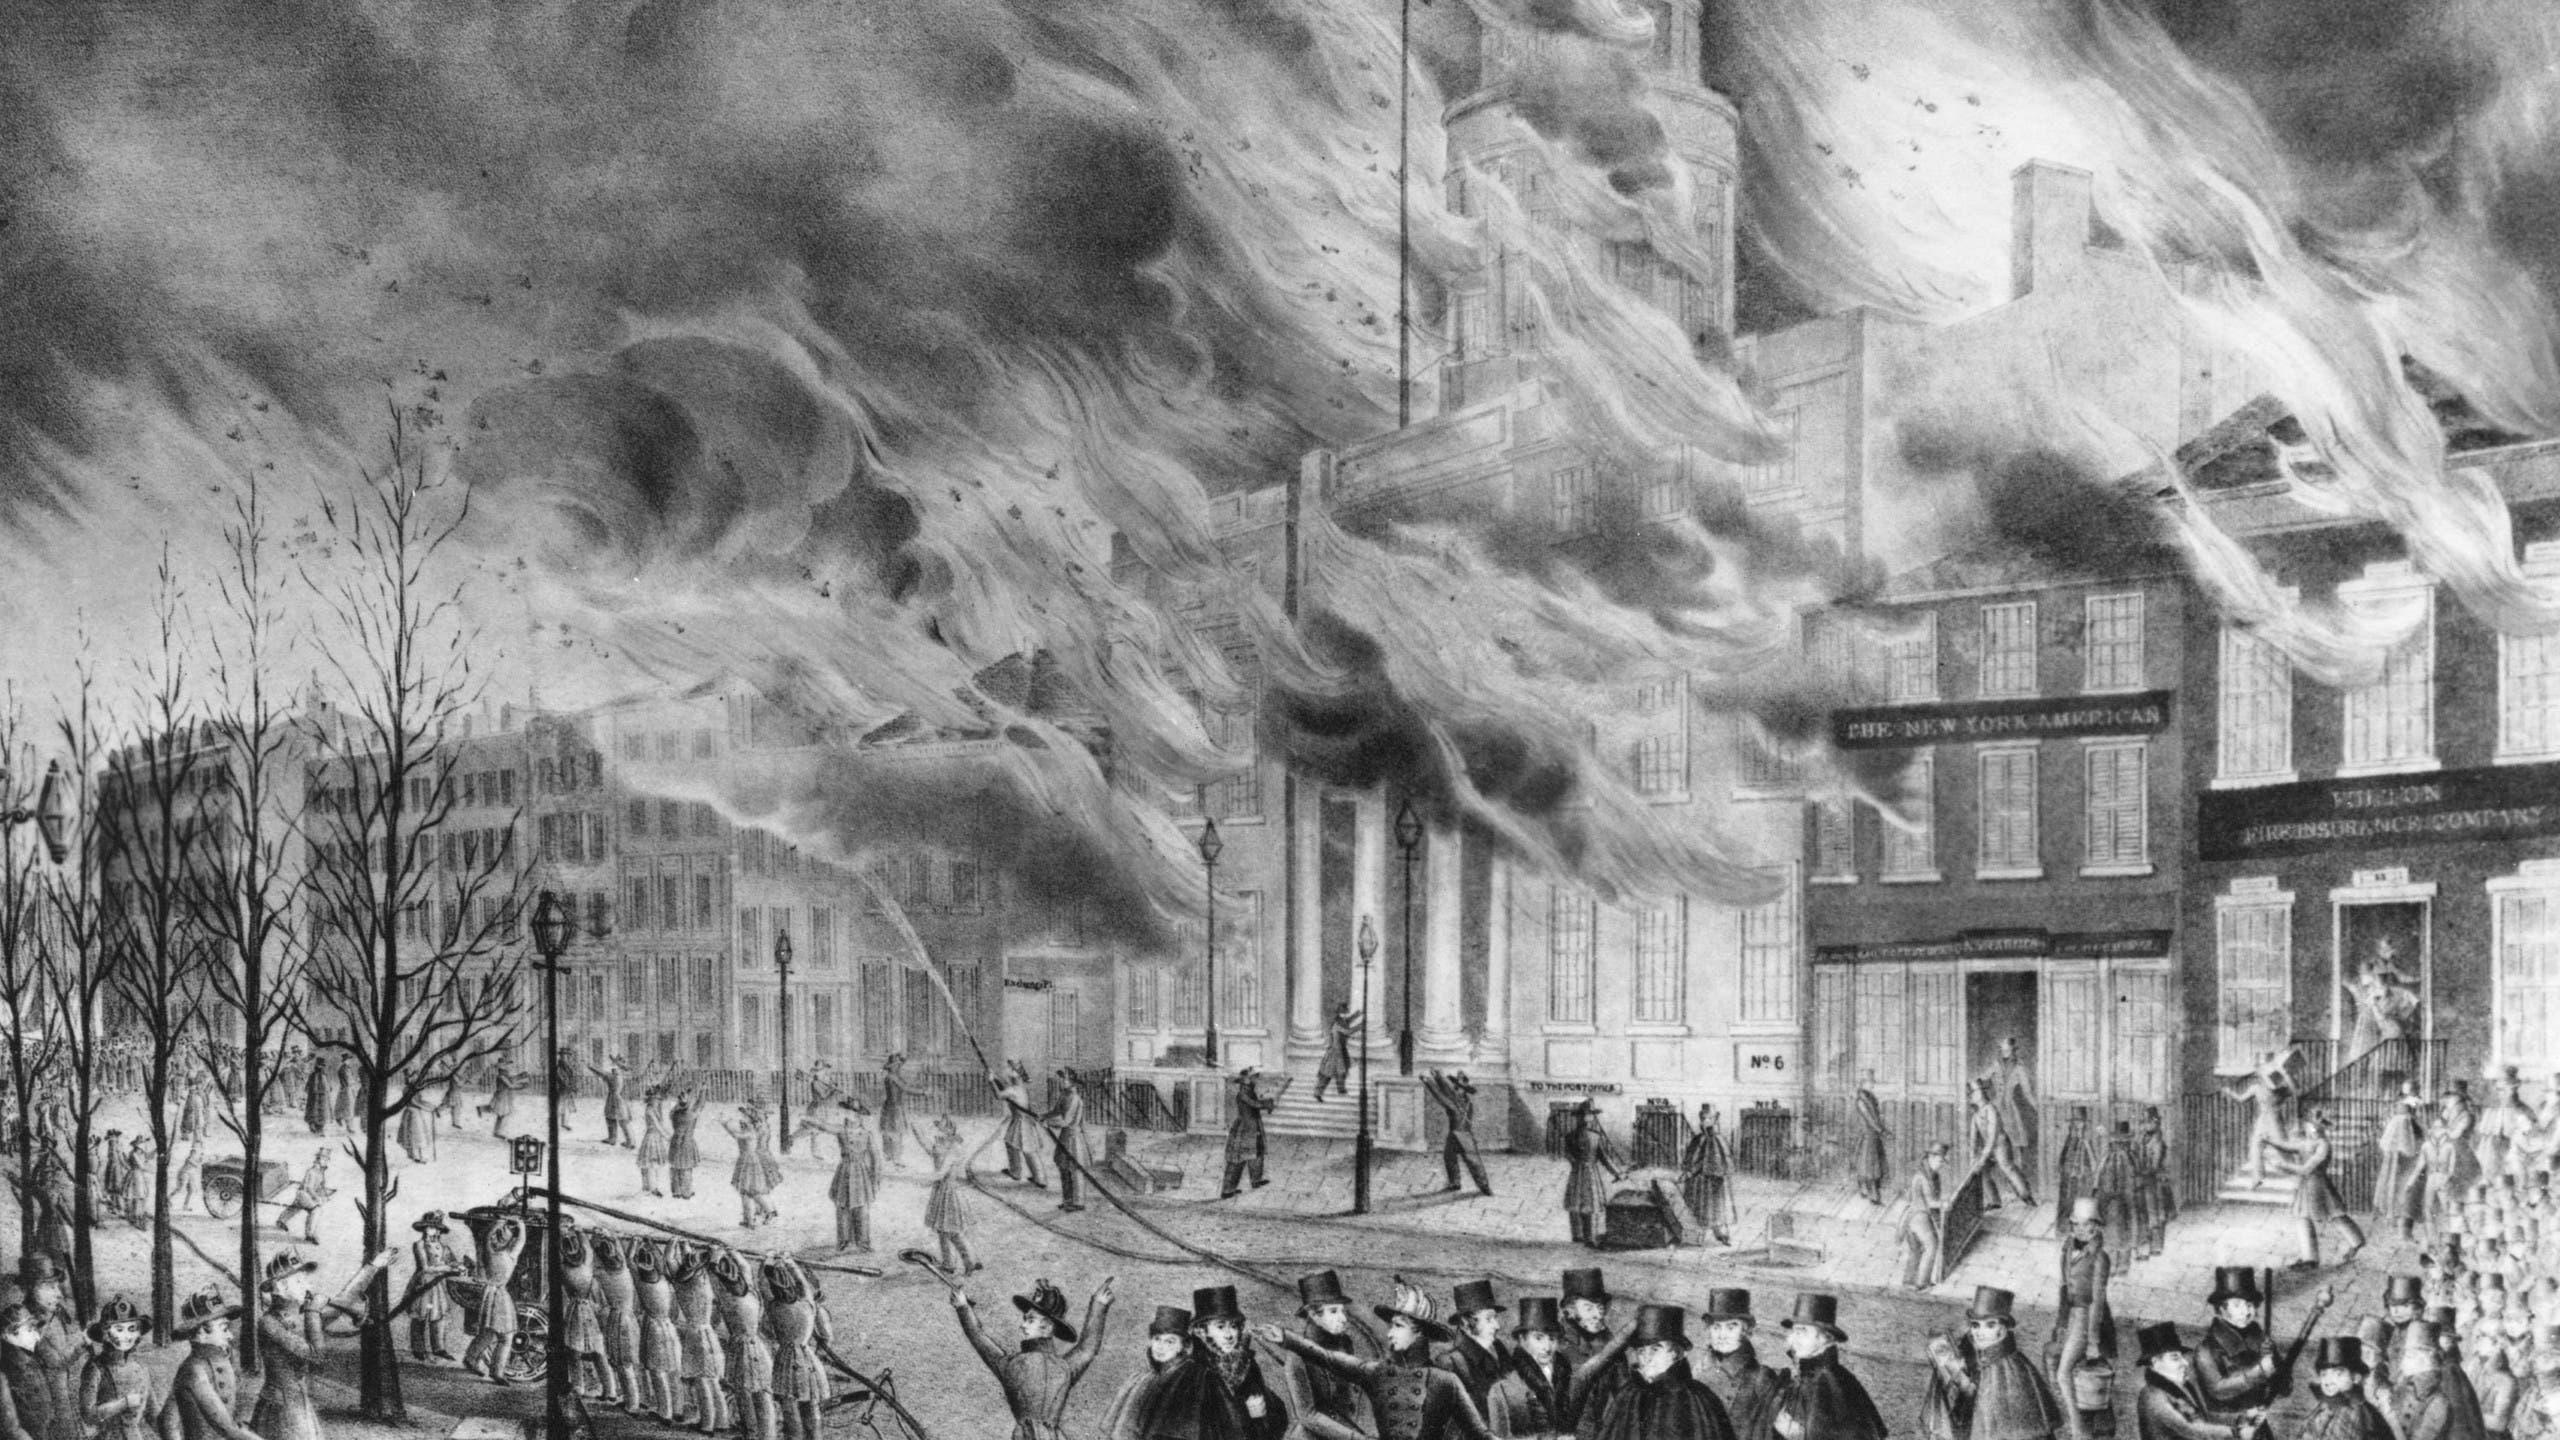 لوحة تجسد أحد الحرائق بنيويورك